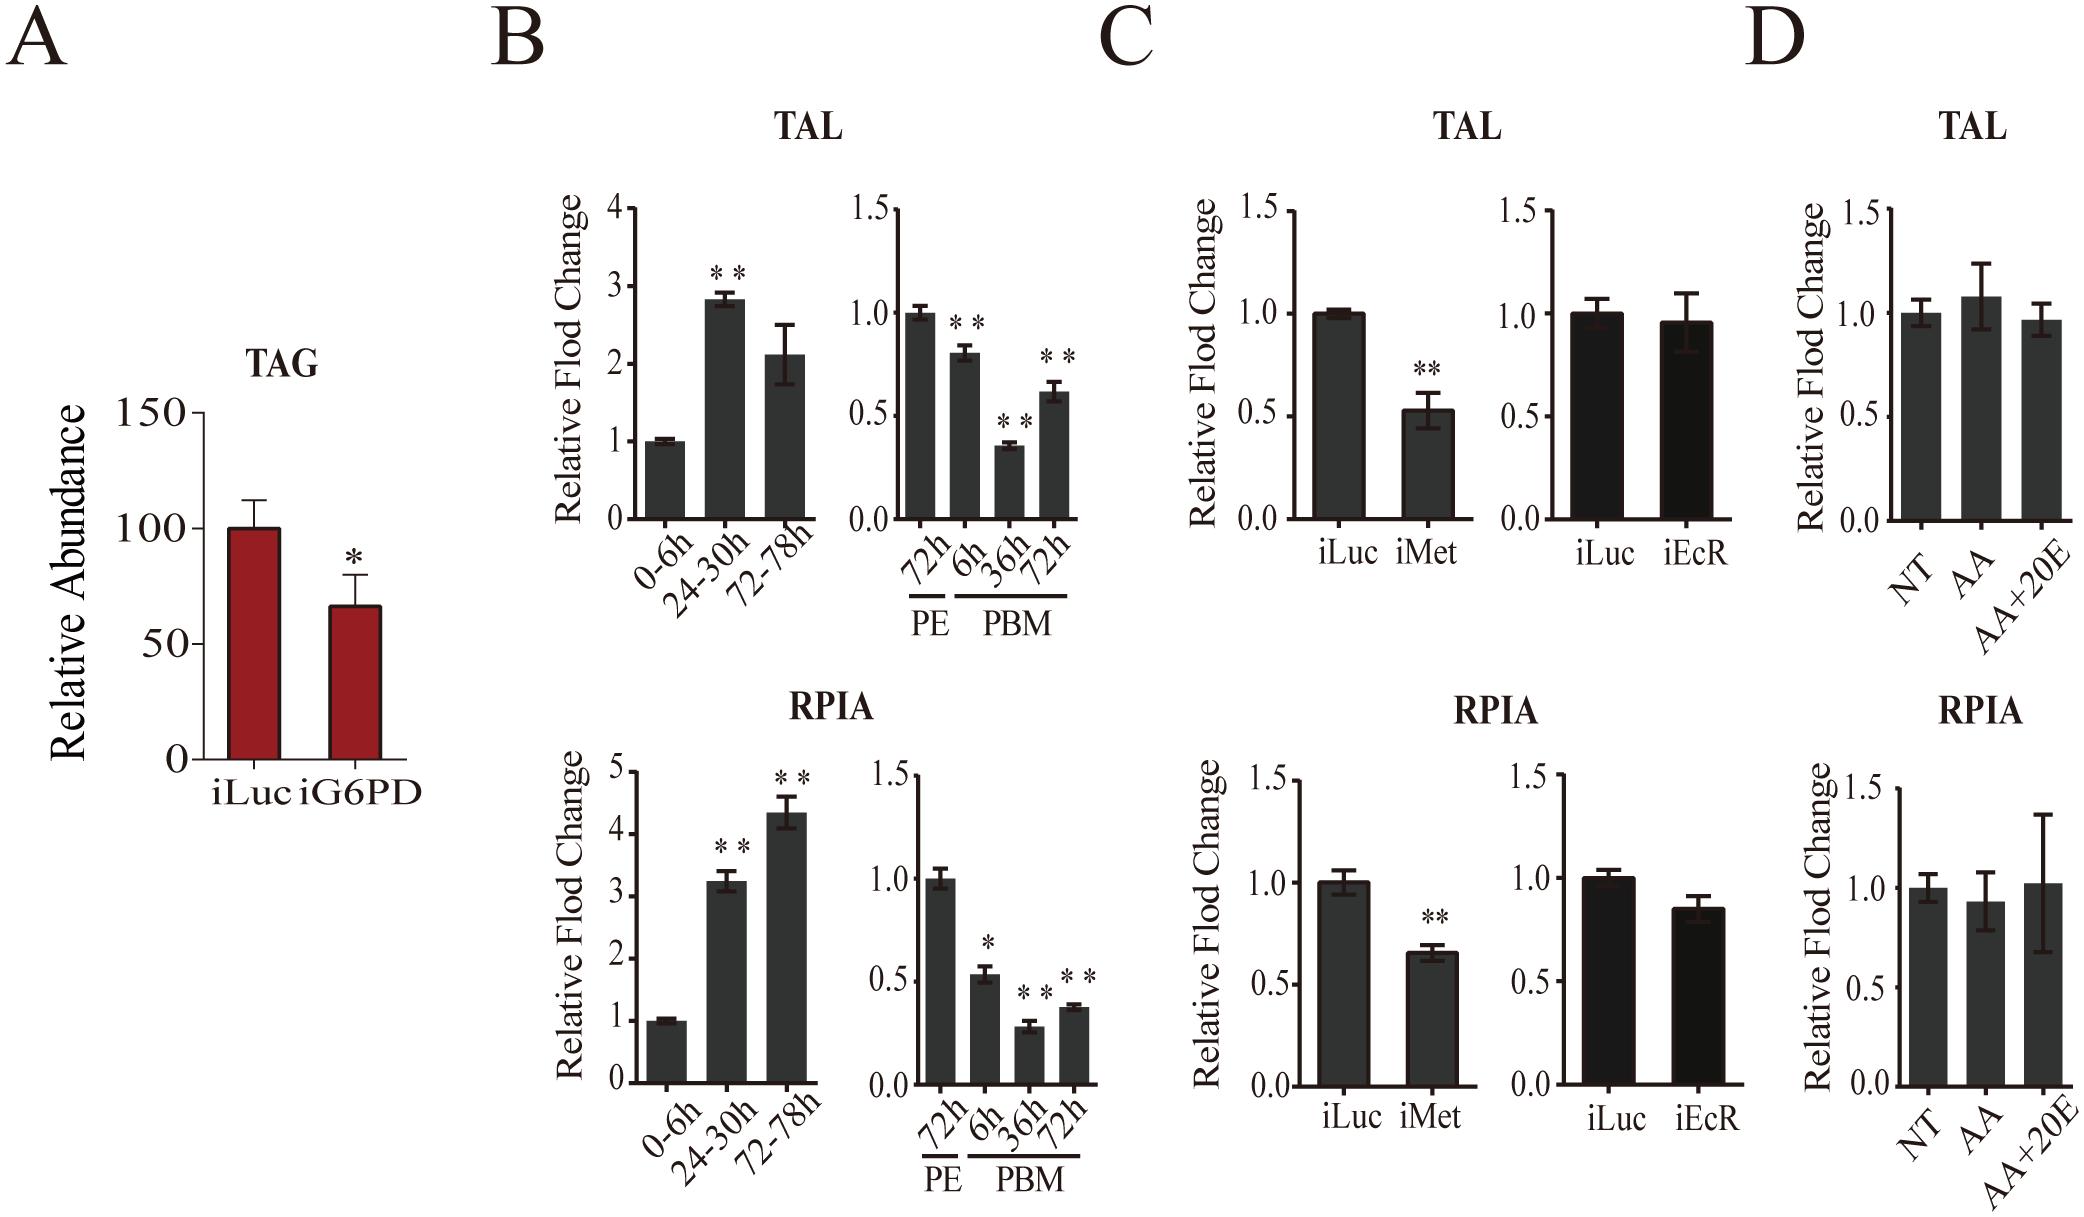 Analysis of pentose phosphate pathway genes.